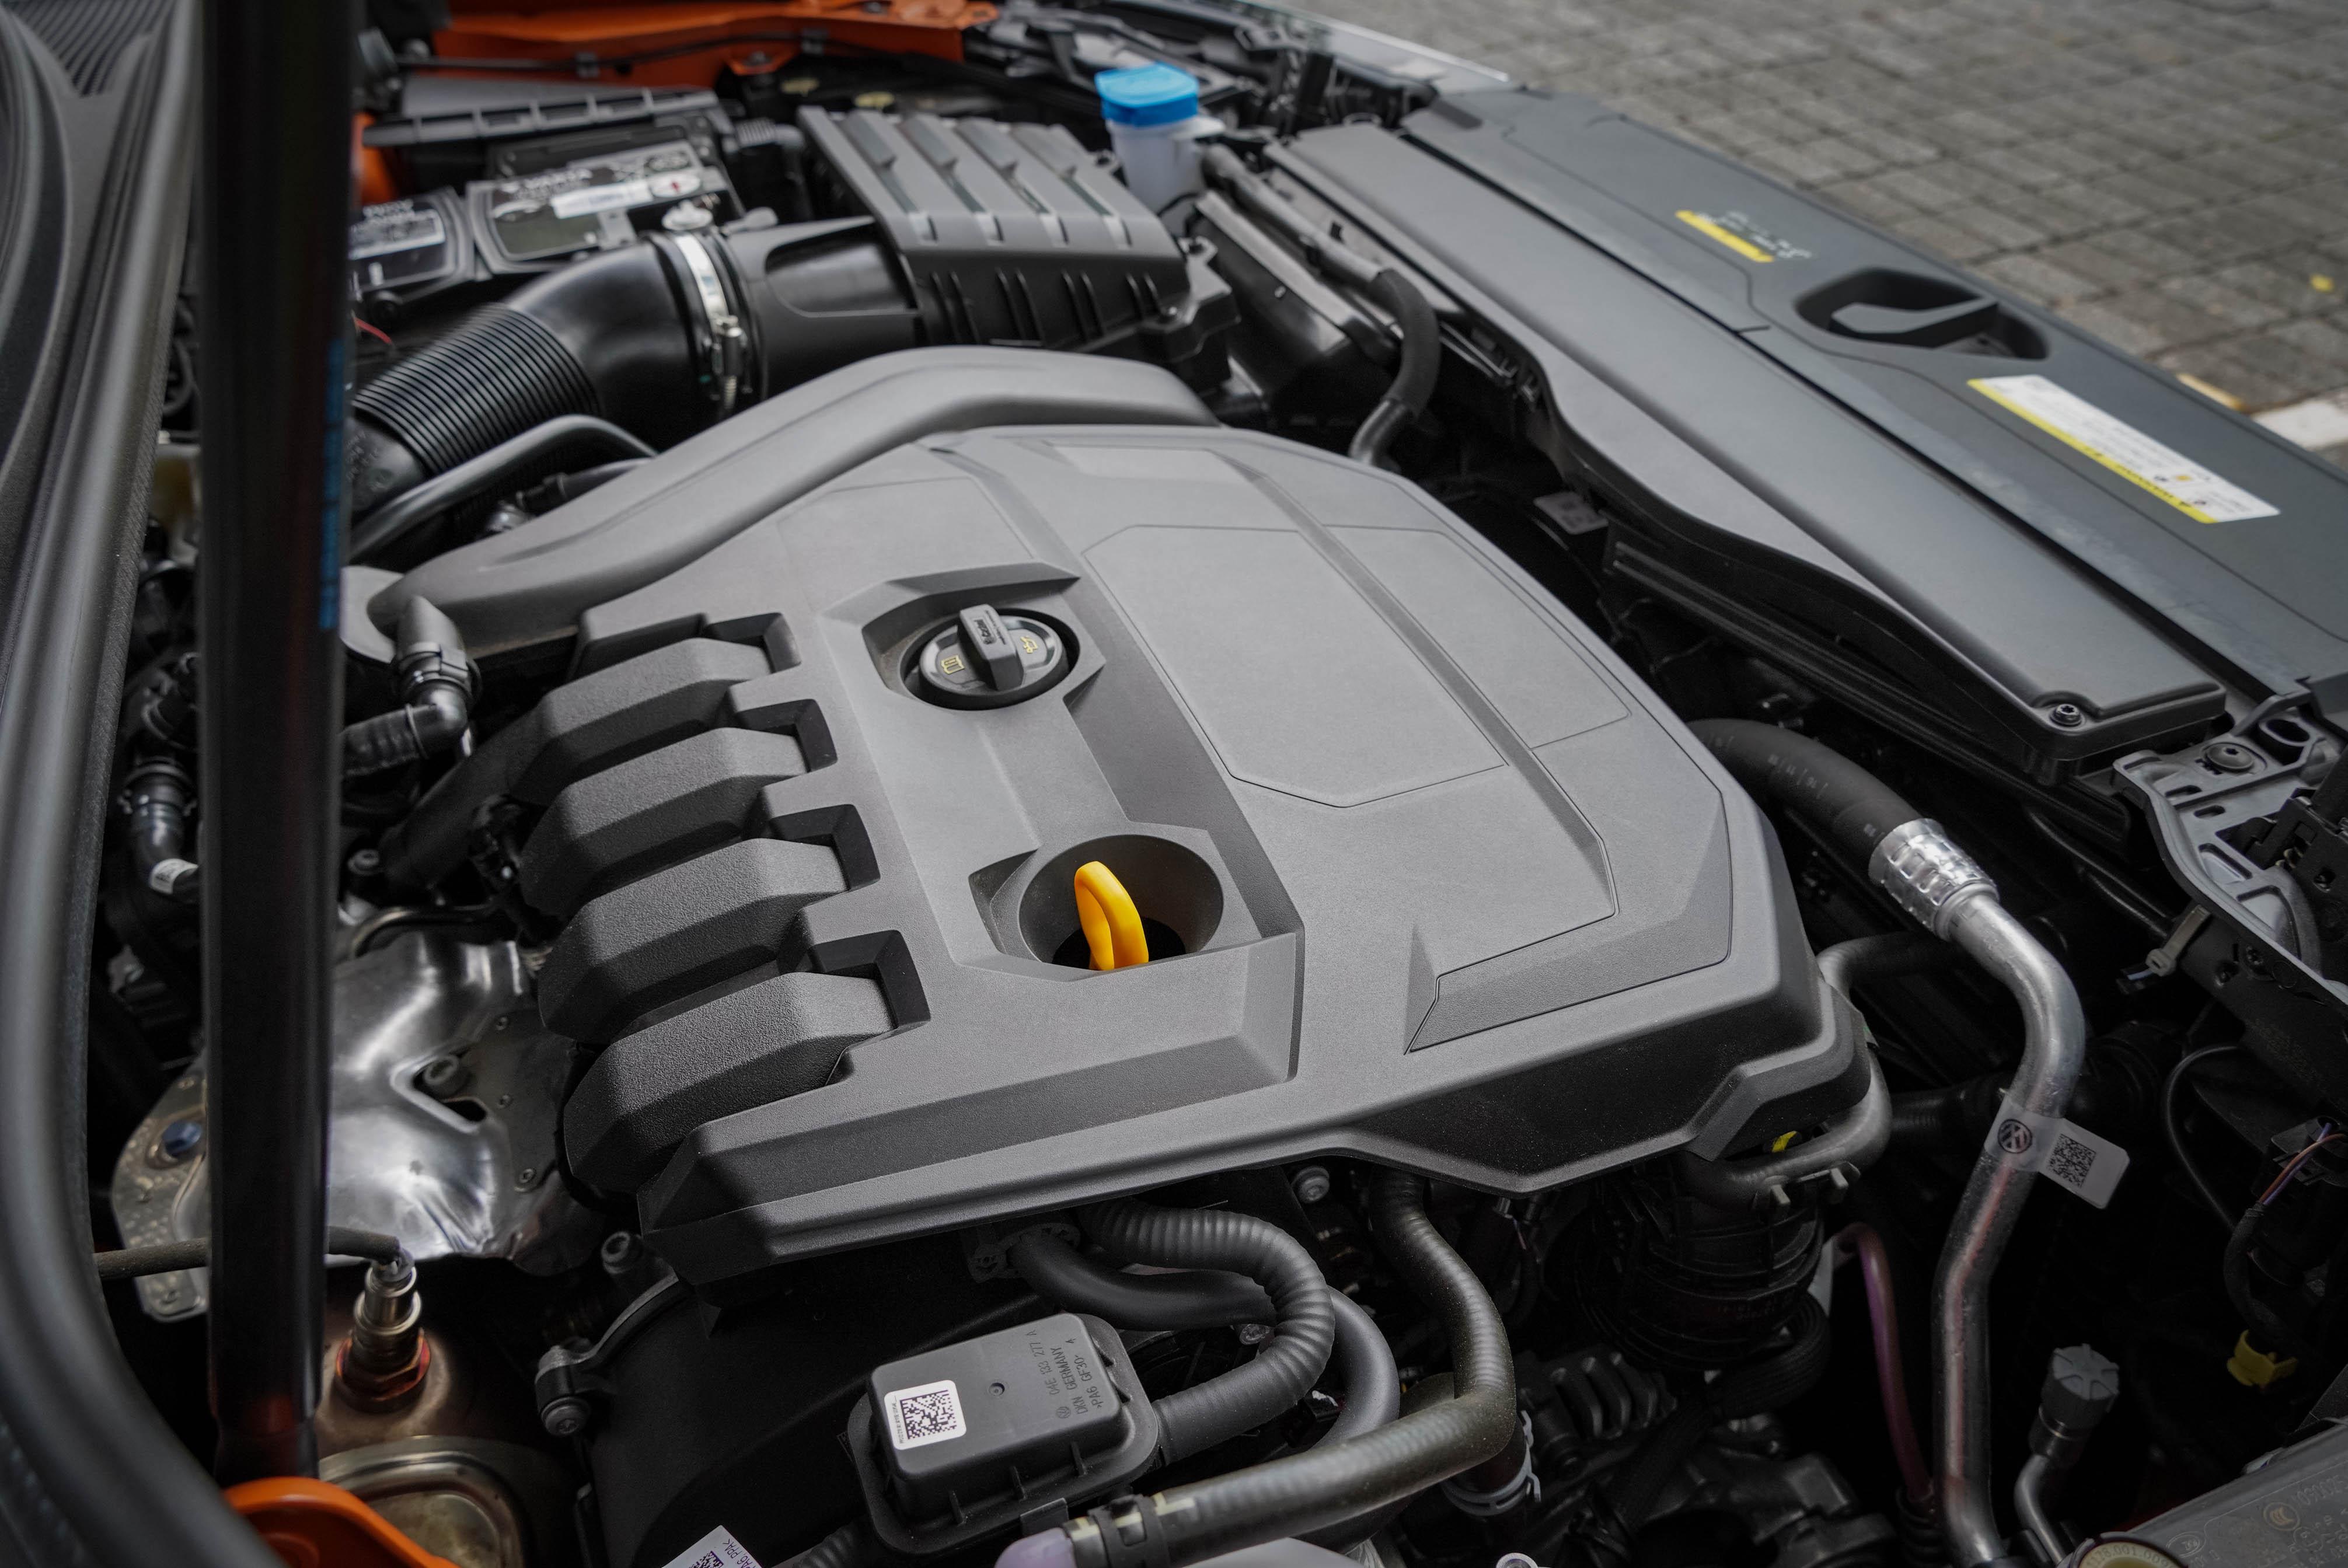 L4 汽油渦輪增壓引擎及 48V 輕型複合動力系統搭配,動力輸出為 150hp/250 Nm。